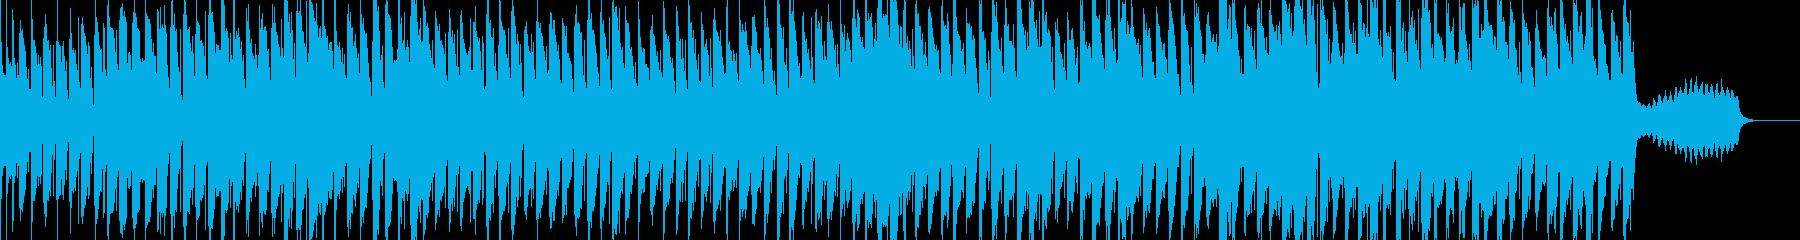 牧場っぽい雰囲気のBGMの再生済みの波形